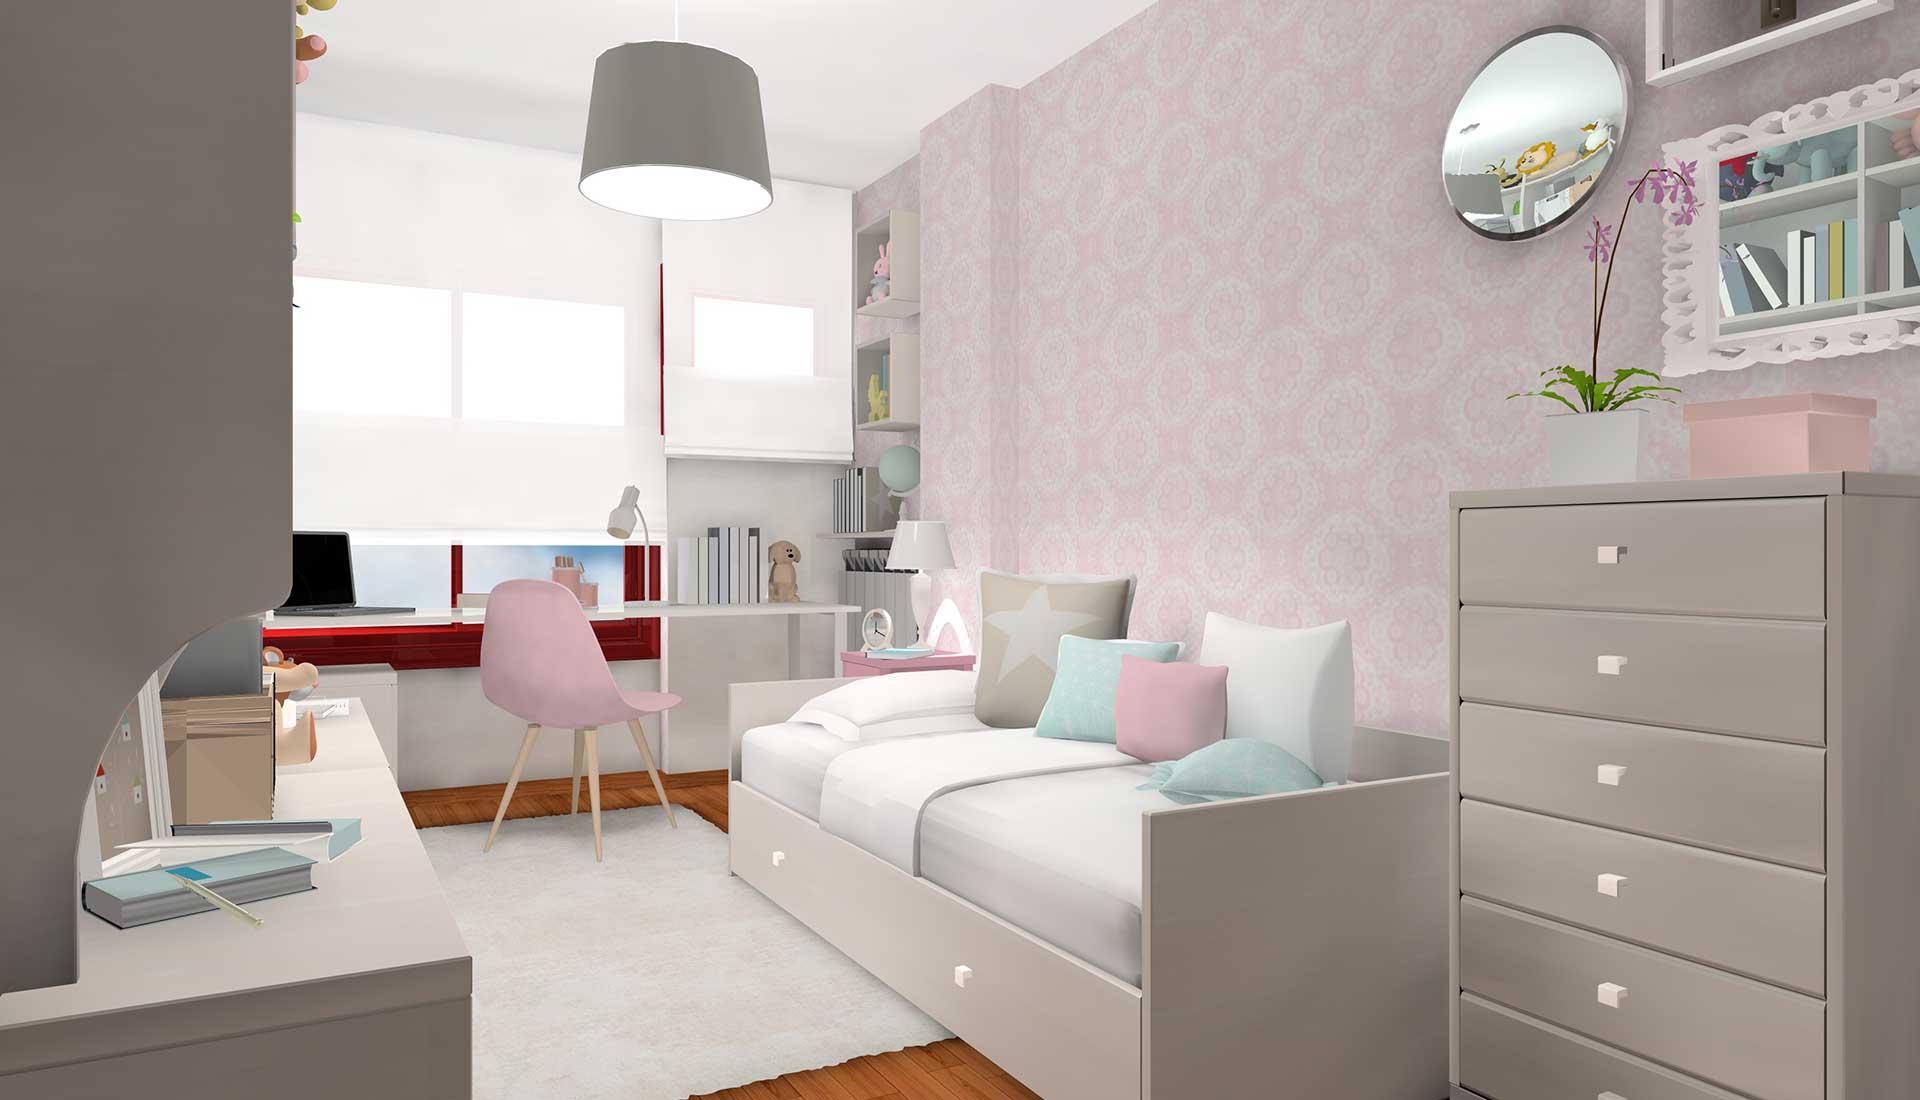 decoracion de interiores la moraleja cama-nido